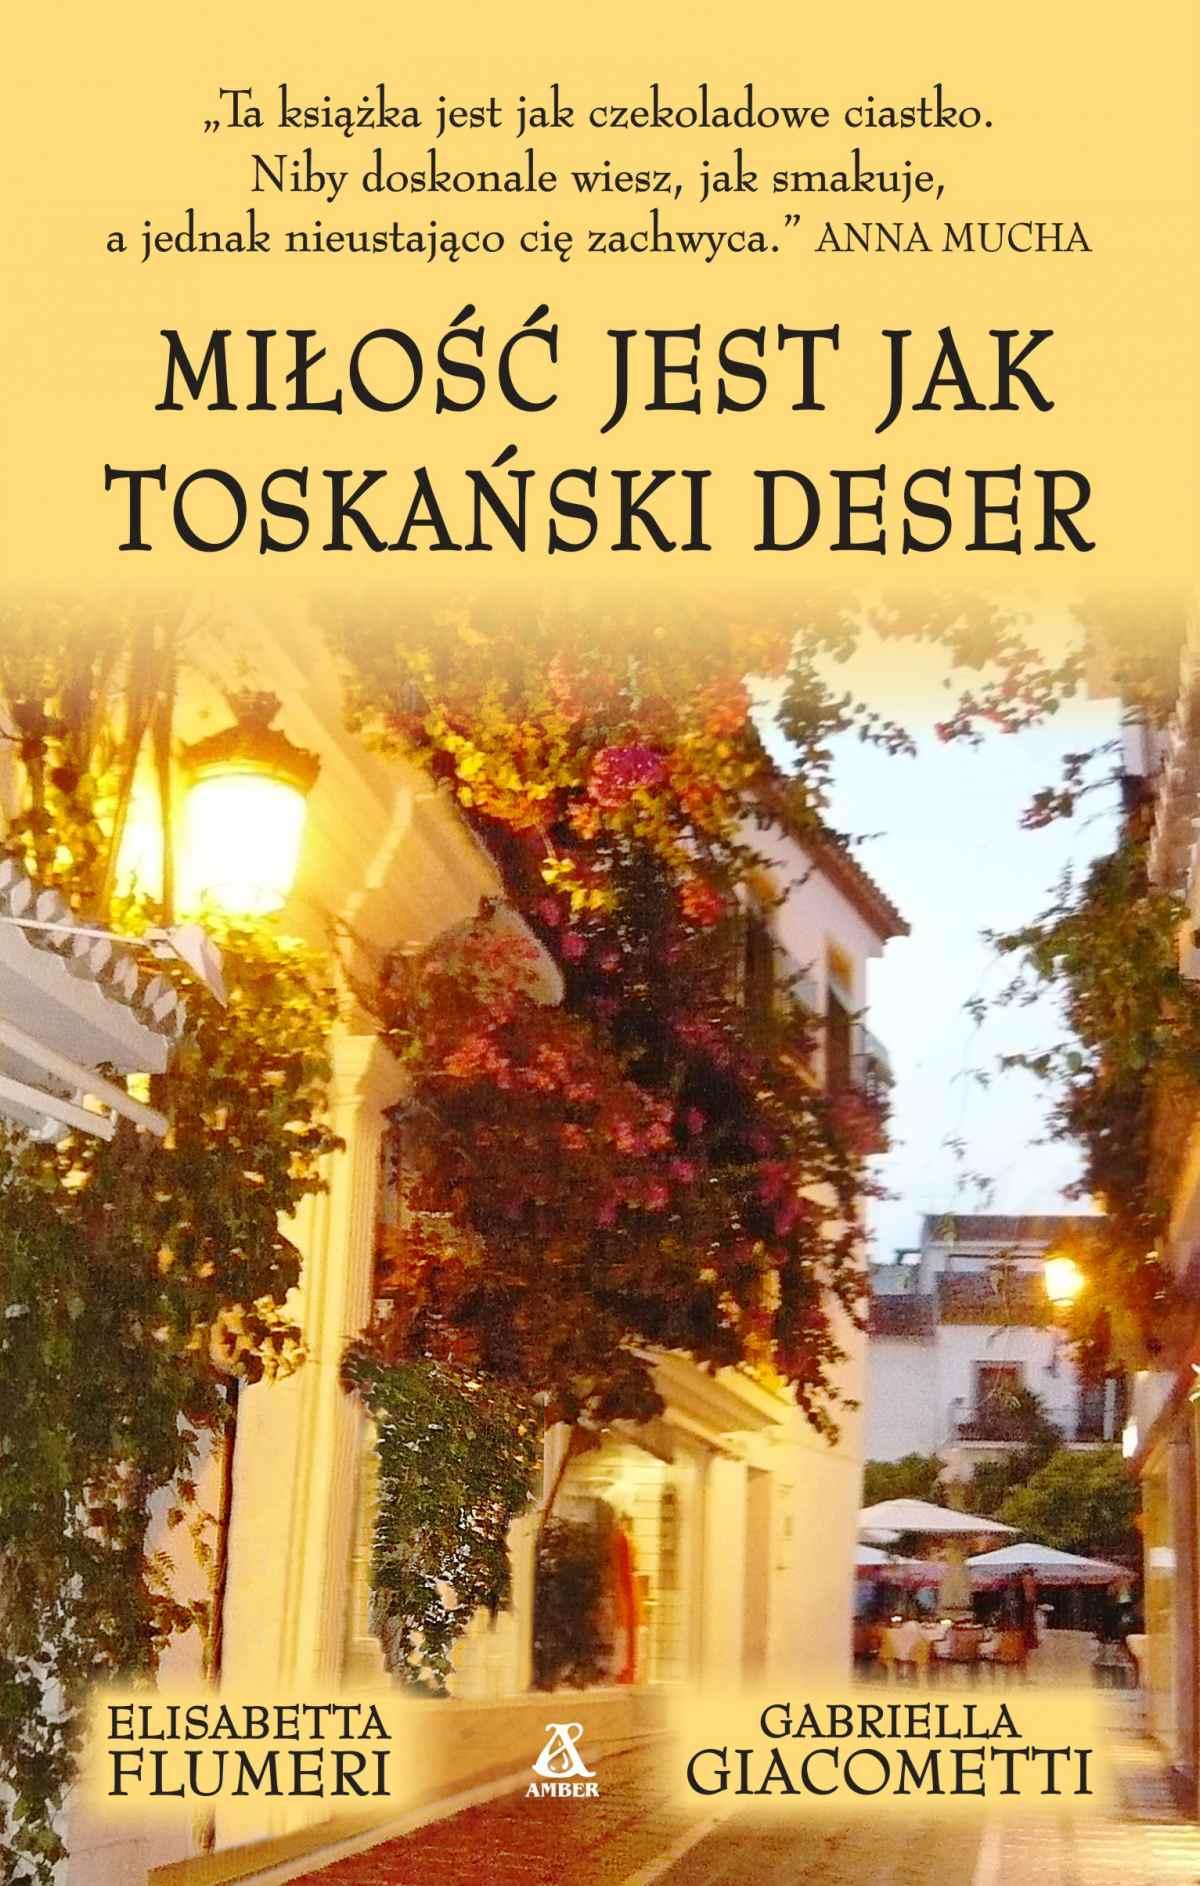 Miłość jest jak toskański deser - Ebook (Książka EPUB) do pobrania w formacie EPUB